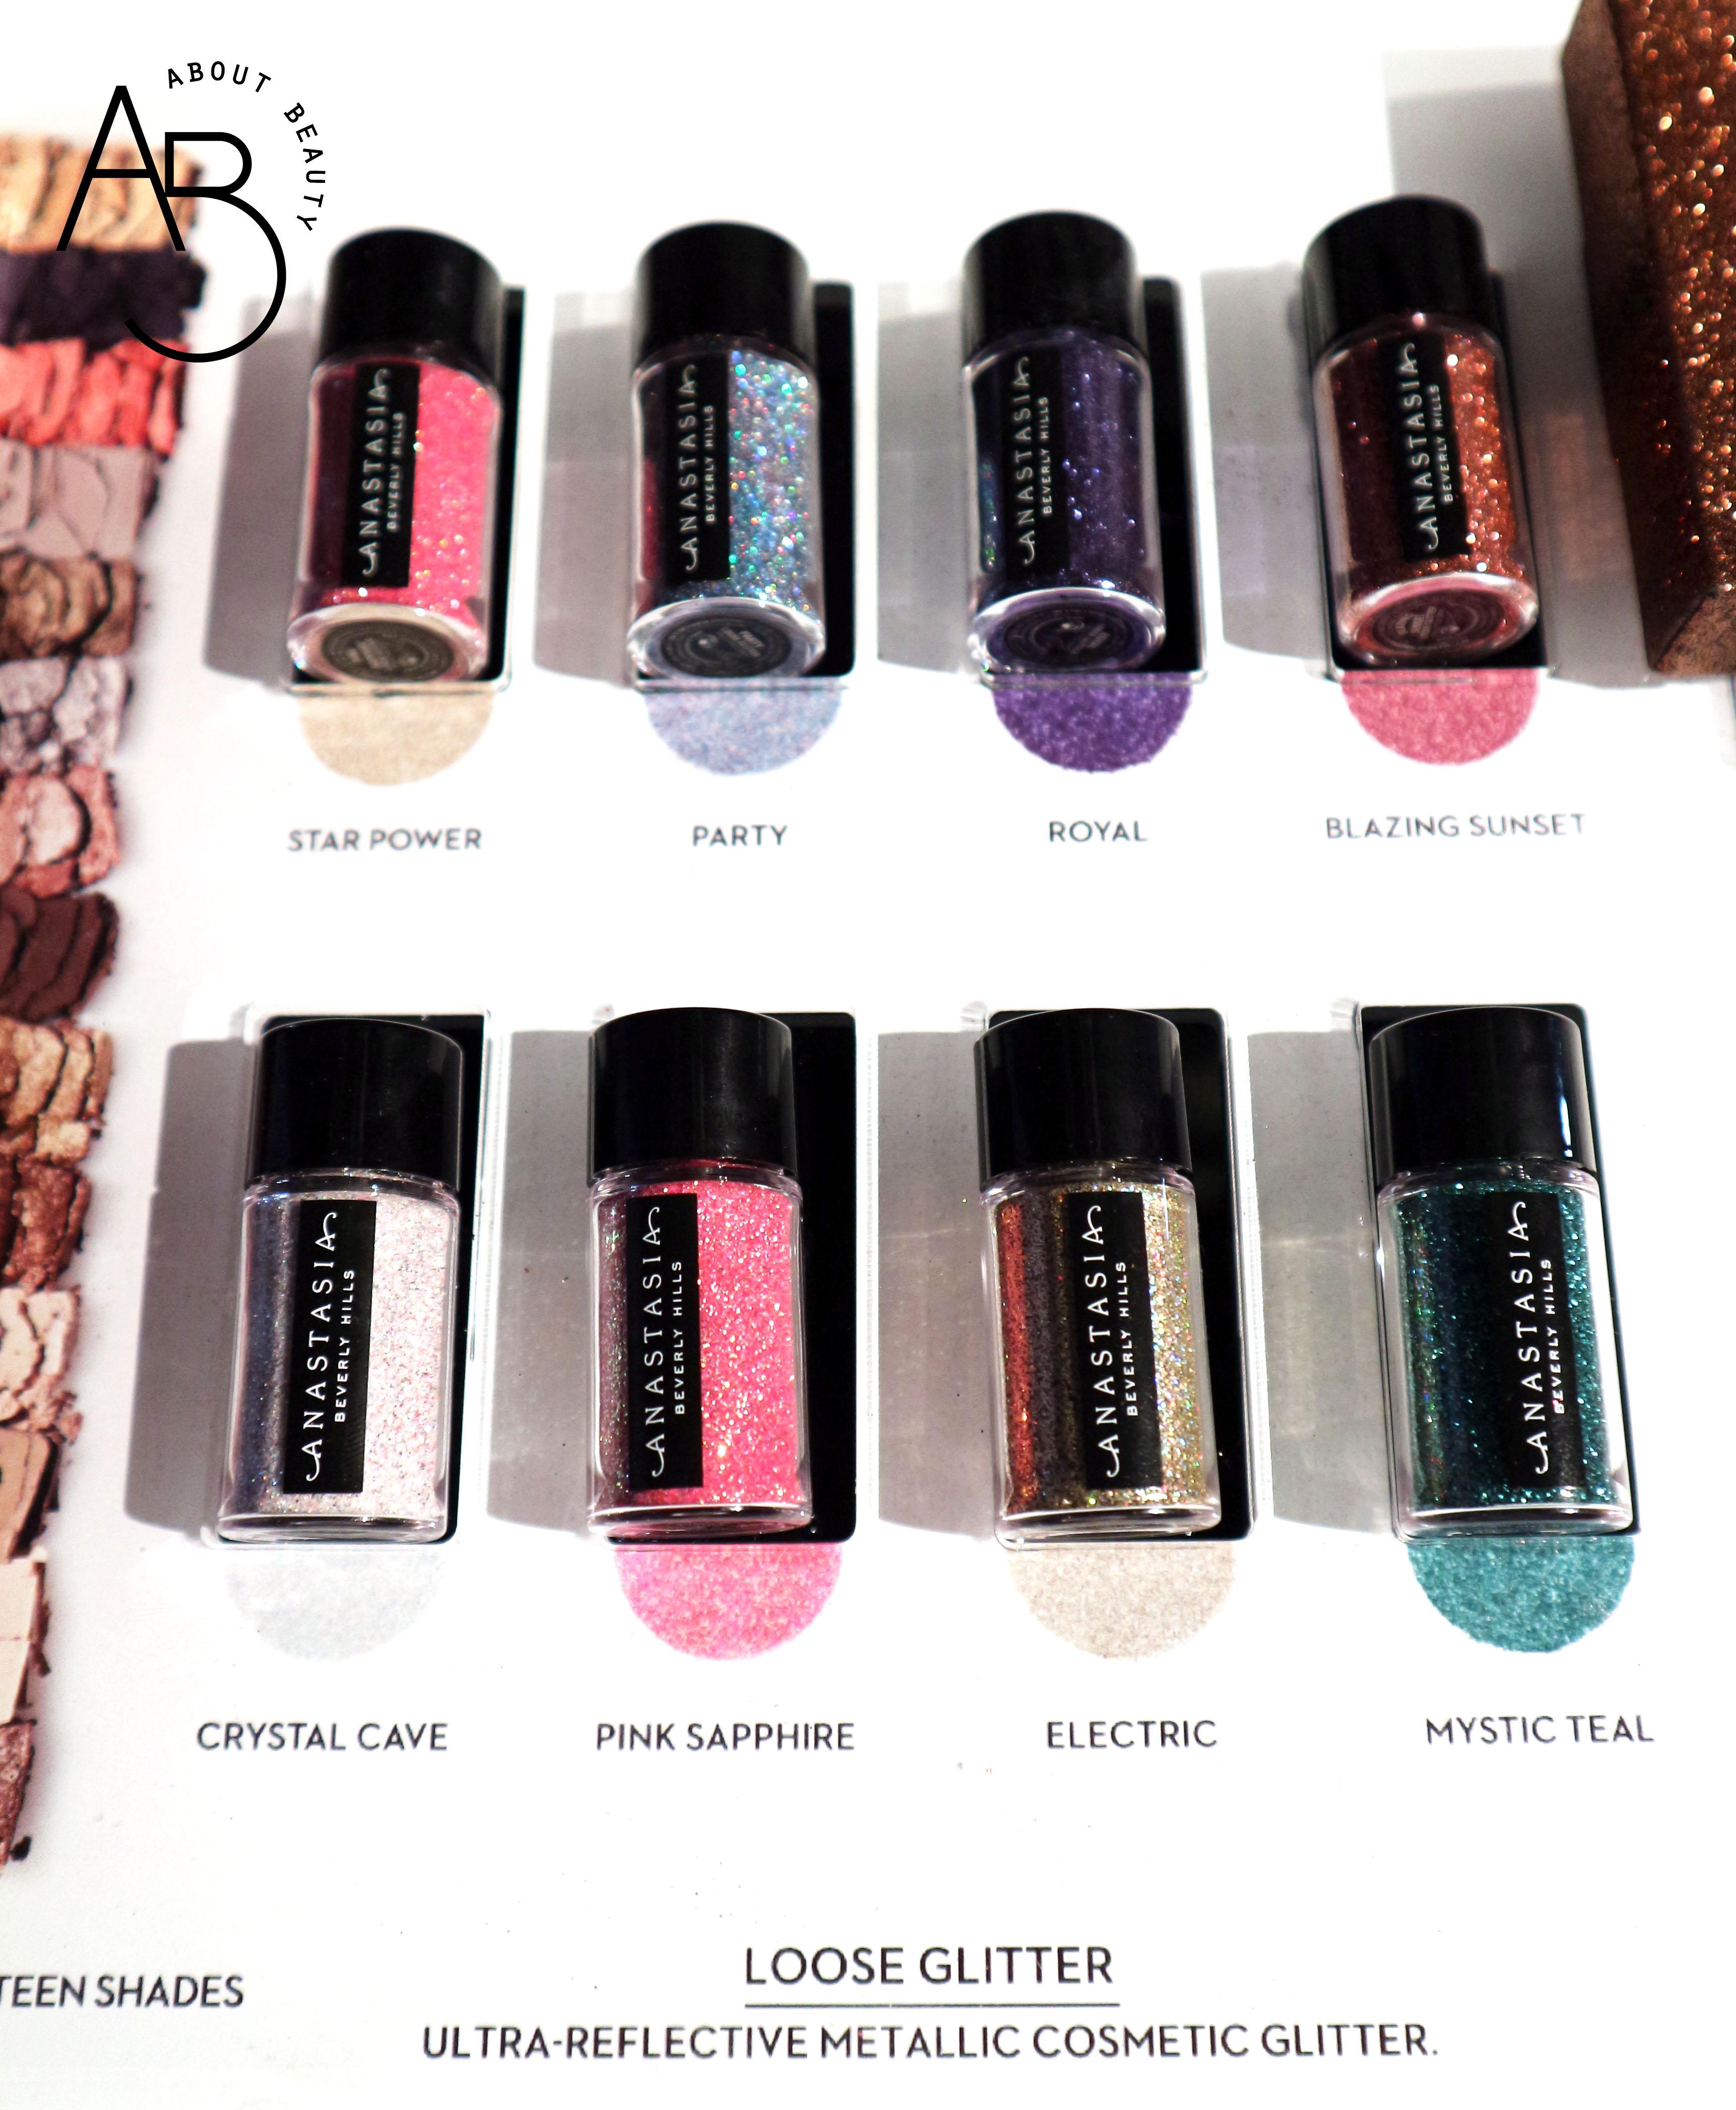 Sephora Natale 2018 Novita da non perdere - Make-up - Anastasia Beverly Hills Loose Glitter - Review, recensione, swatch, info, prezzo, dove acquistare, data di uscita, packaging